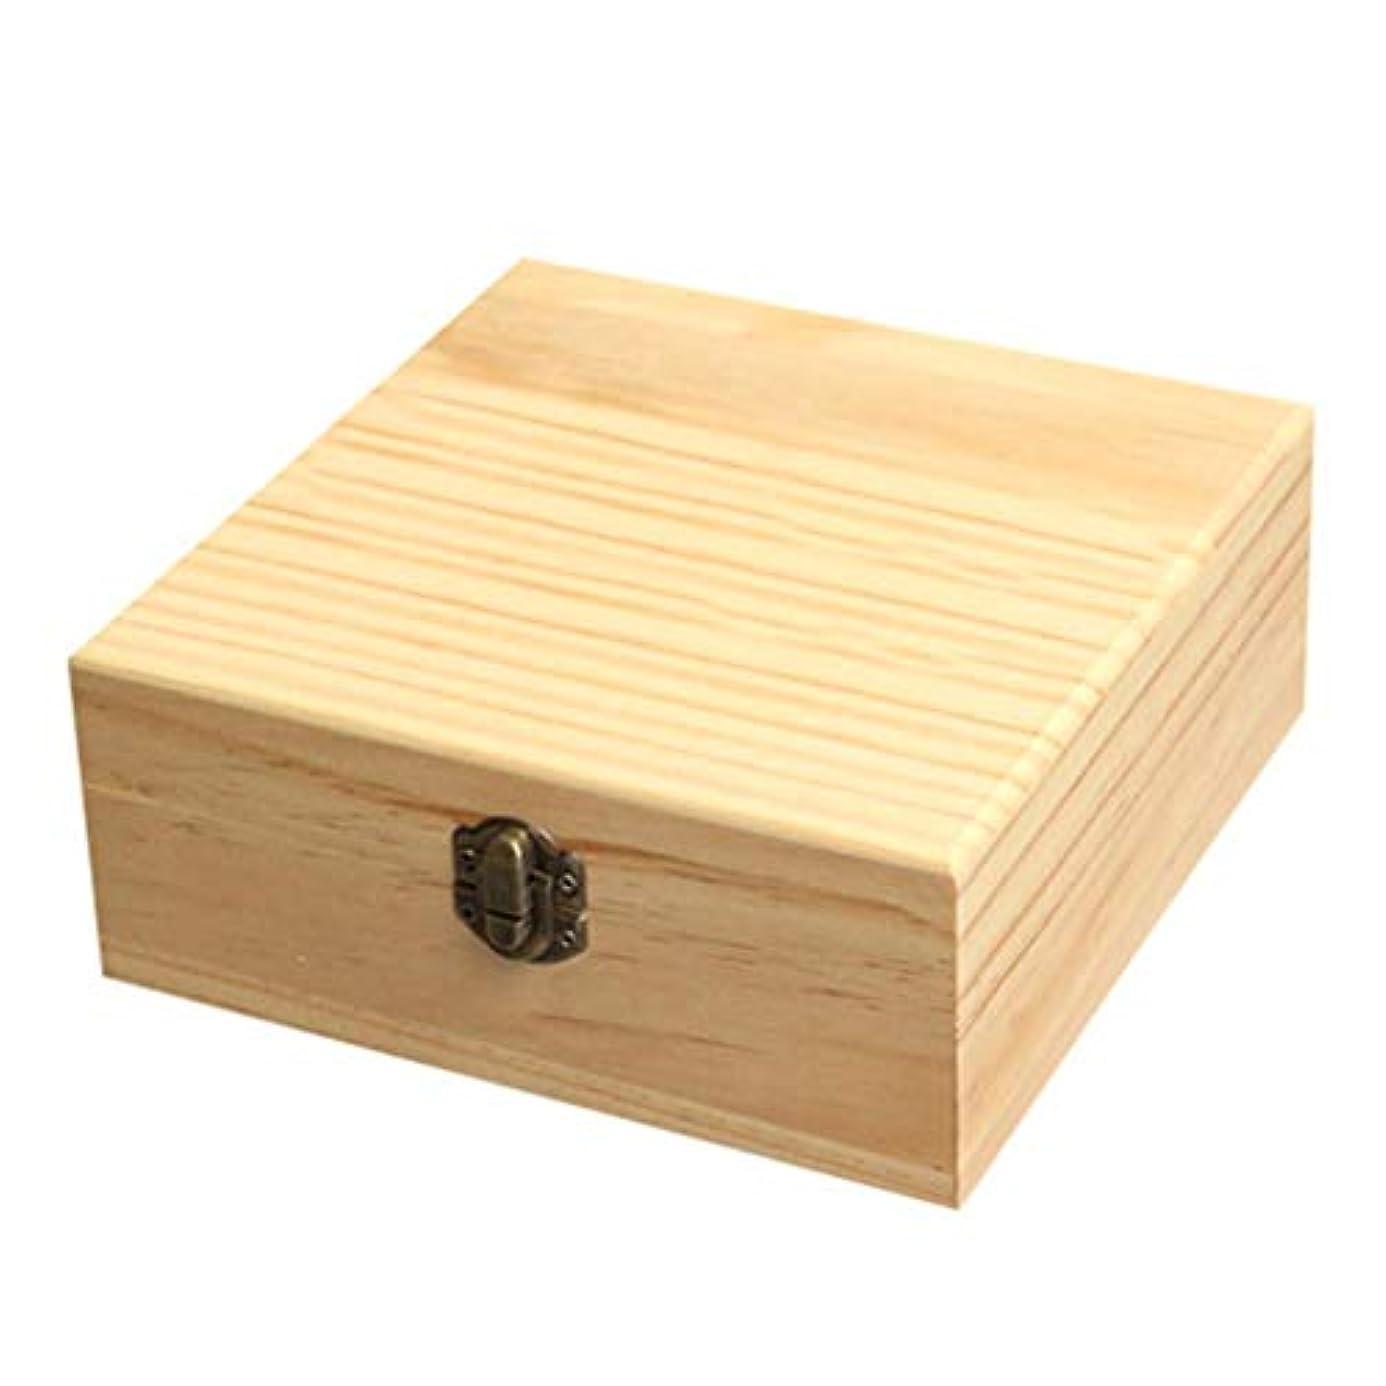 ガウン聴く写真hopefull エッセンシャルオイル収納ボックス 大容量 和風 レトロ 木製 精油収納 携帯便利 オイルボックス 飾り物 25本用 for